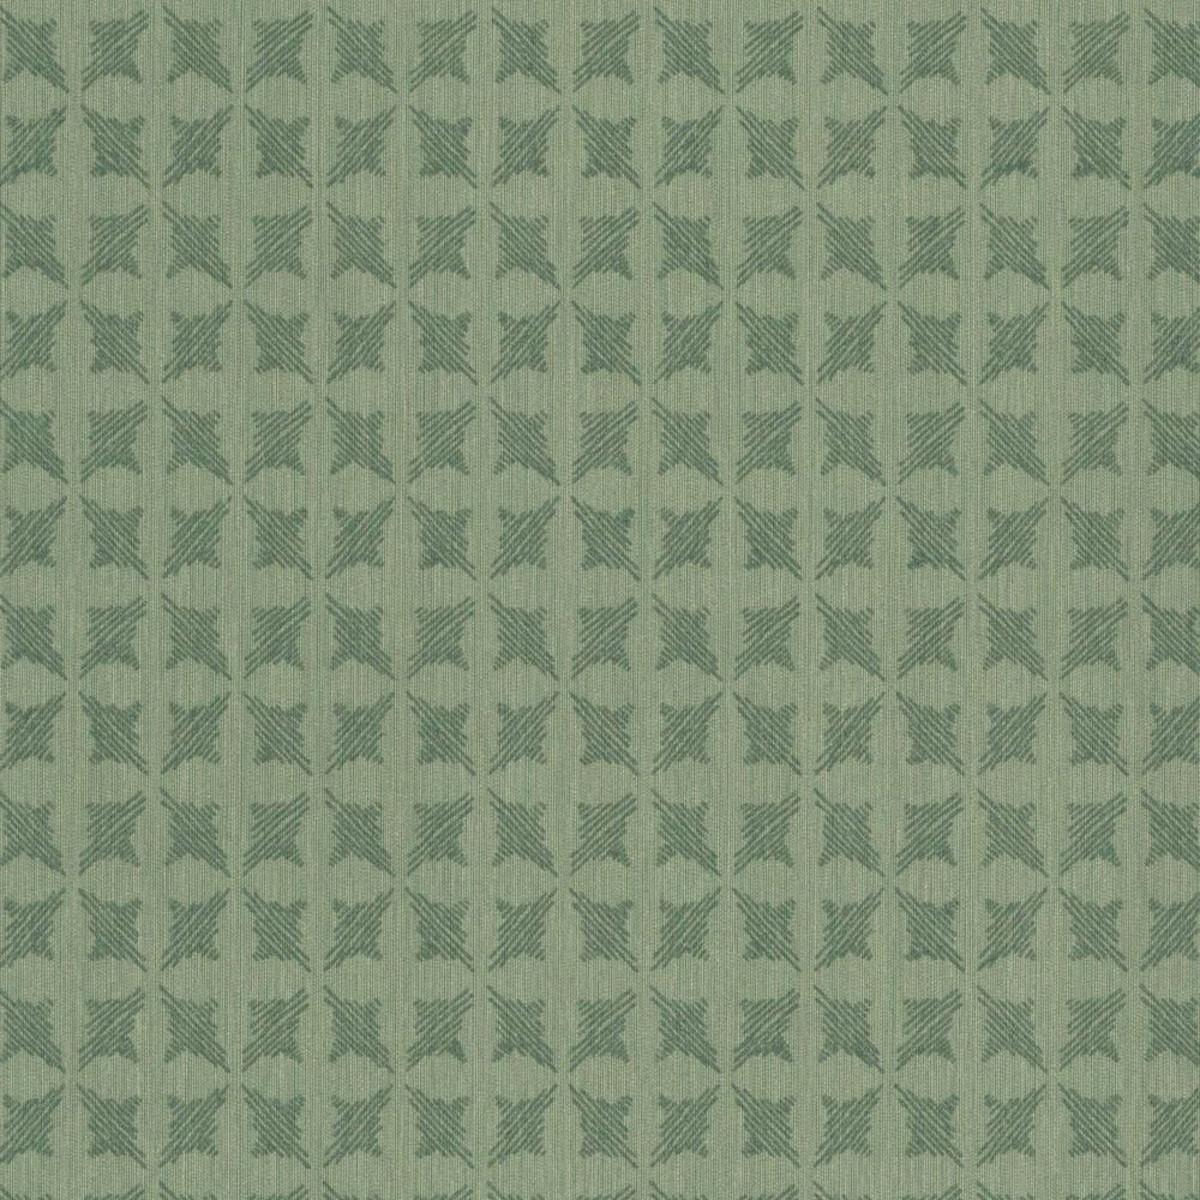 Обои текстильные Rasch Selected зеленые 0.53 м 79363